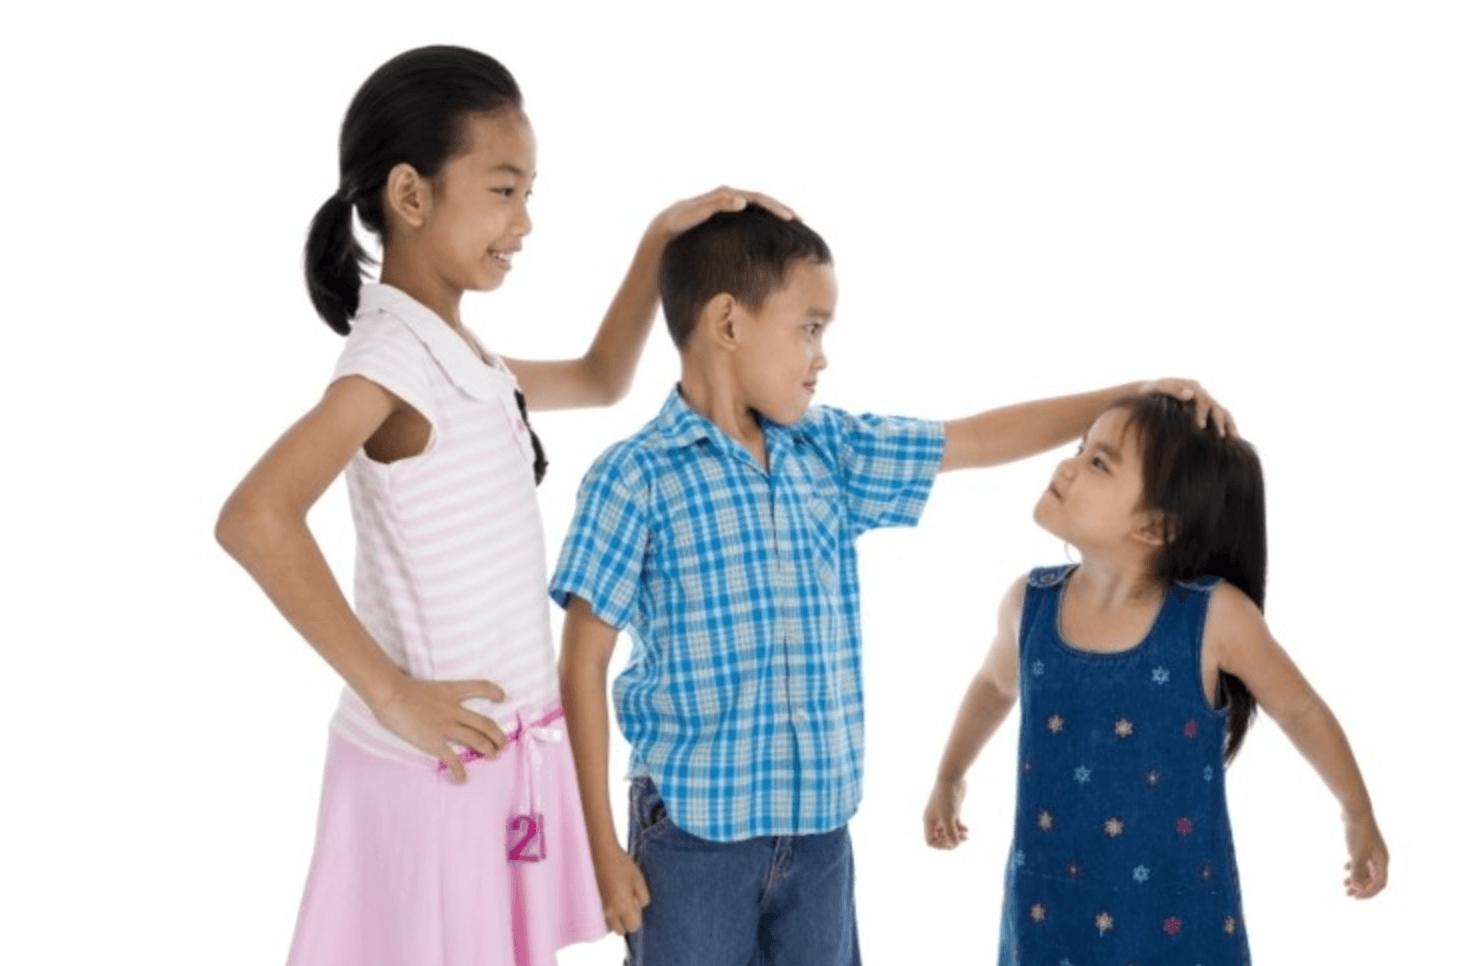 초등학생-키-몸무게